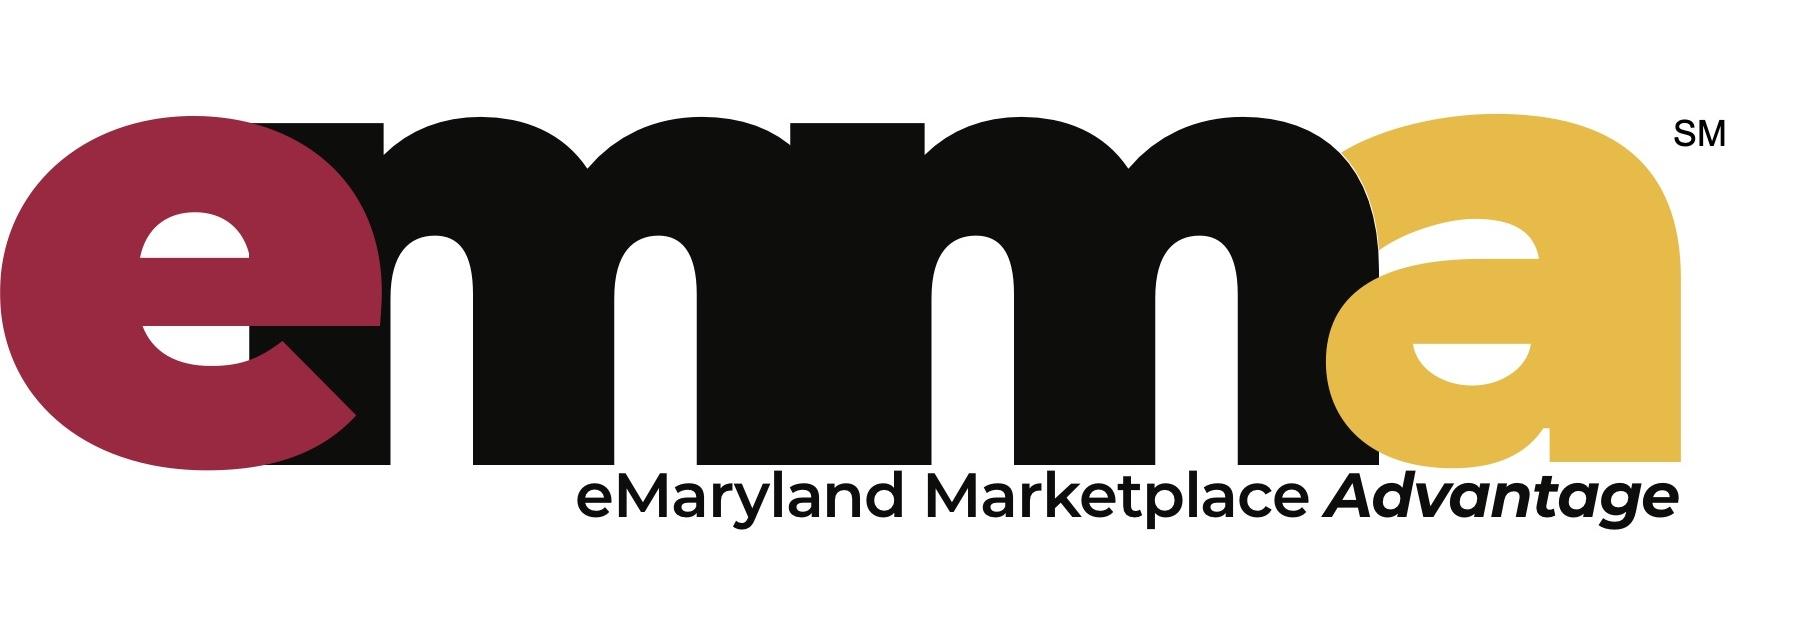 eMaryland Marketplace Advantage (eMMA)